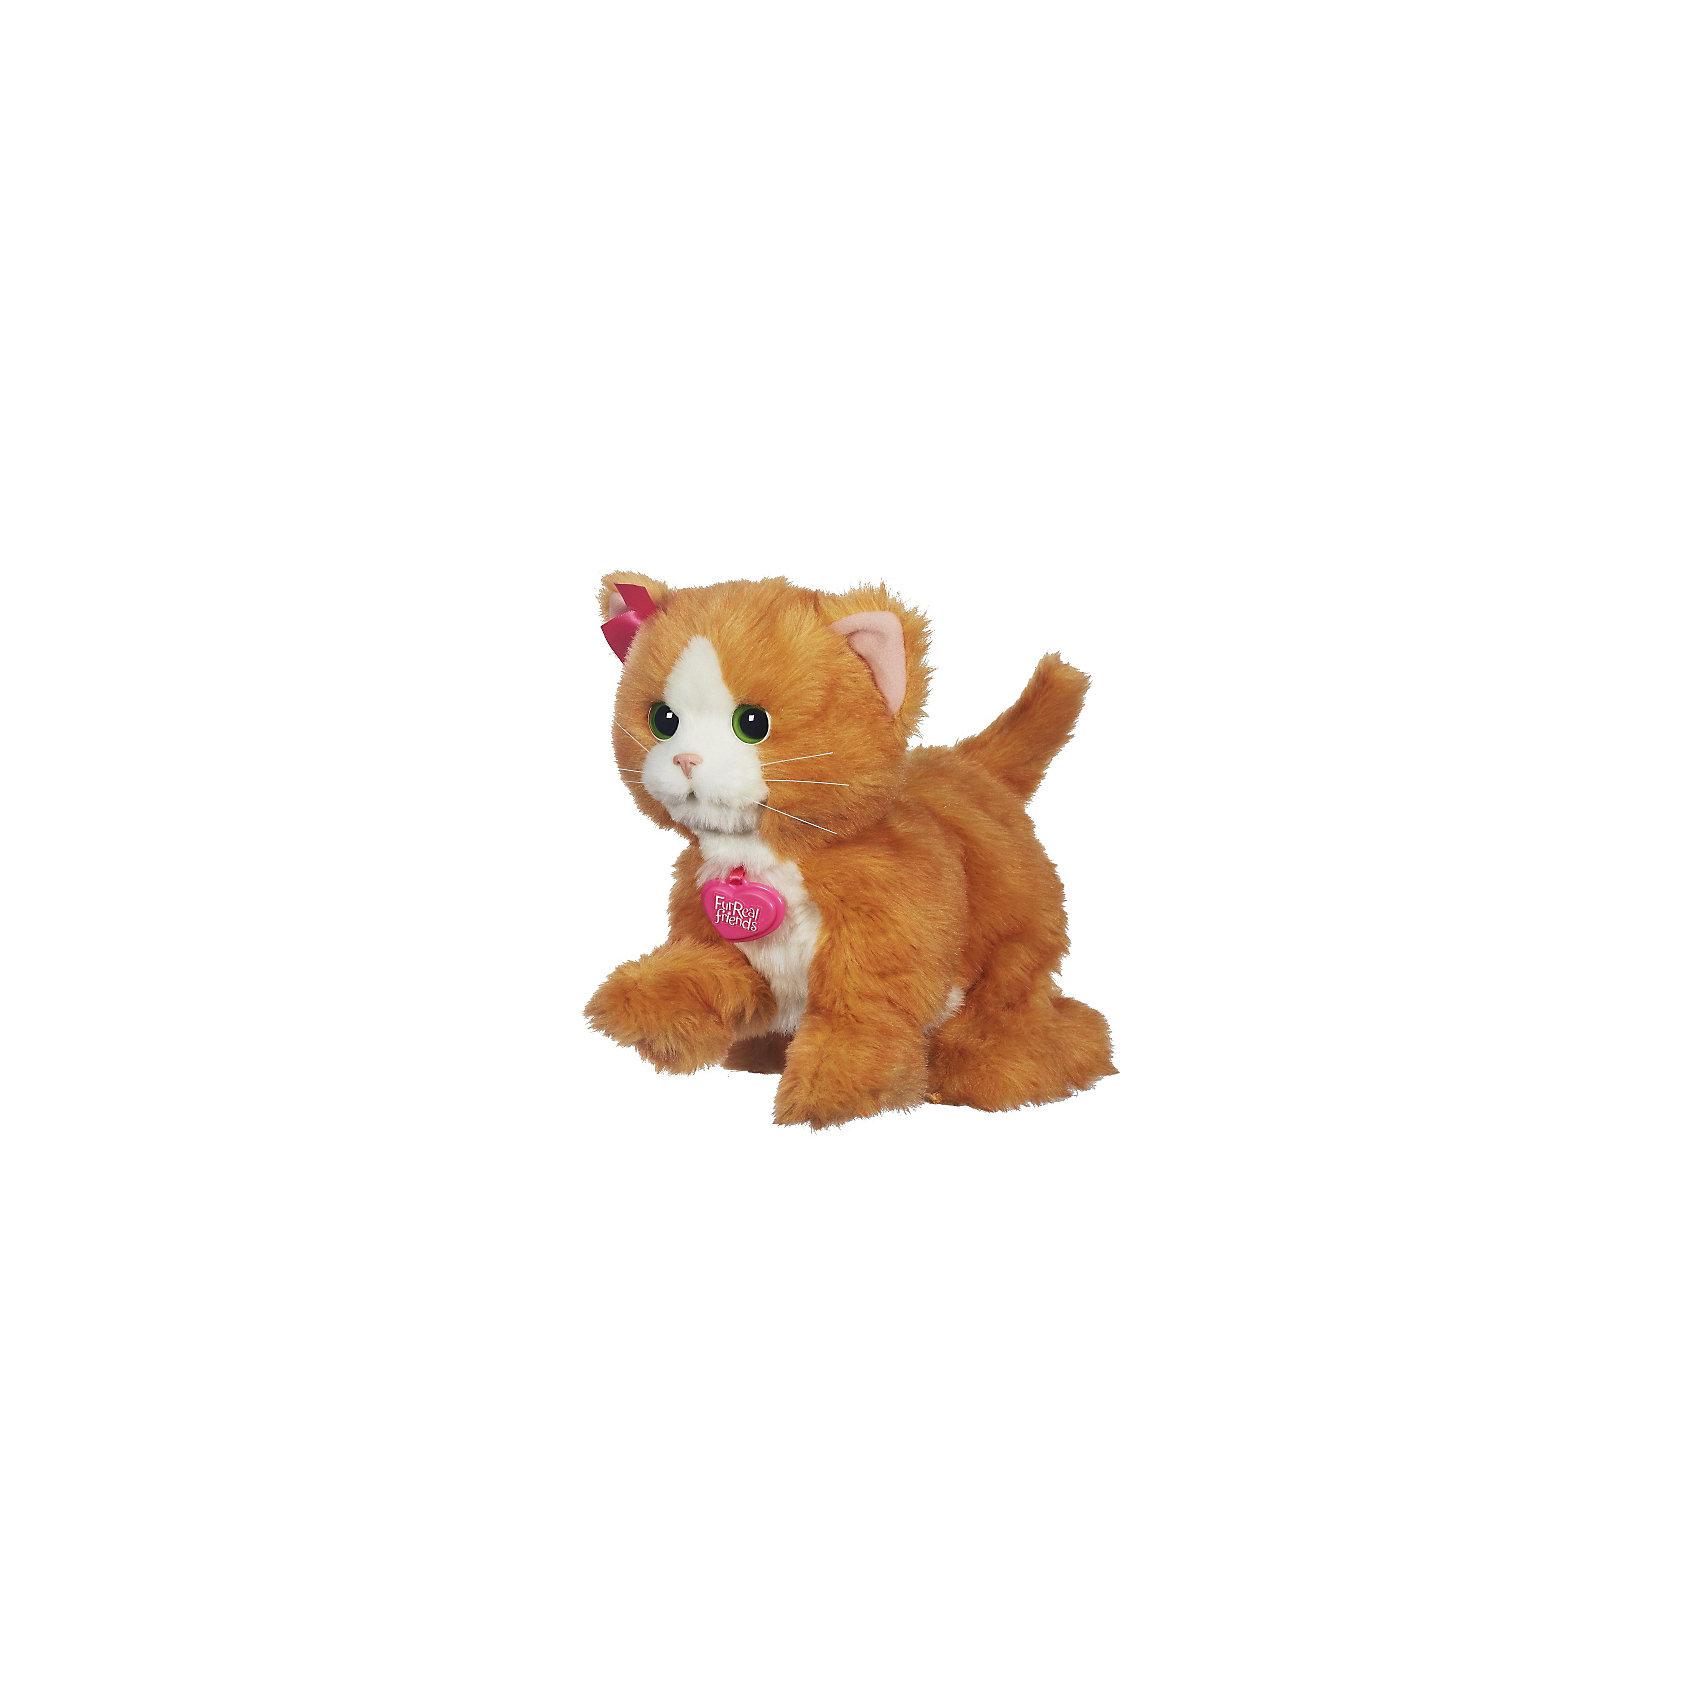 Игривый котенок  Дэйзи,  FurRealИнтерактивные мягкие игрушки<br>Игривый котенок  Дэйзи,  FurReal - это милый пушистый бело-рыжий котёнок с зелёными глазами! Сложно поверить, что он не настоящий - он выглядит как живой - даже усы торчат в разные стороны! А сколько всего он умеет делать! Если перед ним помахать его игрушкой или погладить лобик - он моргает, шевелит лапками, пытаясь поймать игрушку. А если нажать на спинку или на переднюю правую лапку - он будет мурлыкать, нажми дважды - и котёнок пропоёт весёлую песенку!<br><br>Дополнительная информация:<br><br>- Игрушка сделана из пластика, обита искусственным мехом.<br>- В комплекте также метёлка - игрушка для котёнка Дейзи FurReal Friends.<br>- Для работы иггрушки необходимы 4 батарейки типа  AA / LR6 1.5V (пальчиковые, входят в комплект).<br>- Размер коробки: 30.5 х 20.3 х 34.3 см.<br>- Размер самой игрушки: высота - около 30 см.<br>- Предназначена для детей от 4 лет.<br><br>Этот очаровательный игривый котенок готов играть с тобой весь день напролет! <br><br>Игривого котенка  Дэйзи,  FurReal можно купить в нашем магазине.<br><br>Ширина мм: 344<br>Глубина мм: 305<br>Высота мм: 205<br>Вес г: 1170<br>Возраст от месяцев: 48<br>Возраст до месяцев: 84<br>Пол: Женский<br>Возраст: Детский<br>SKU: 3222539